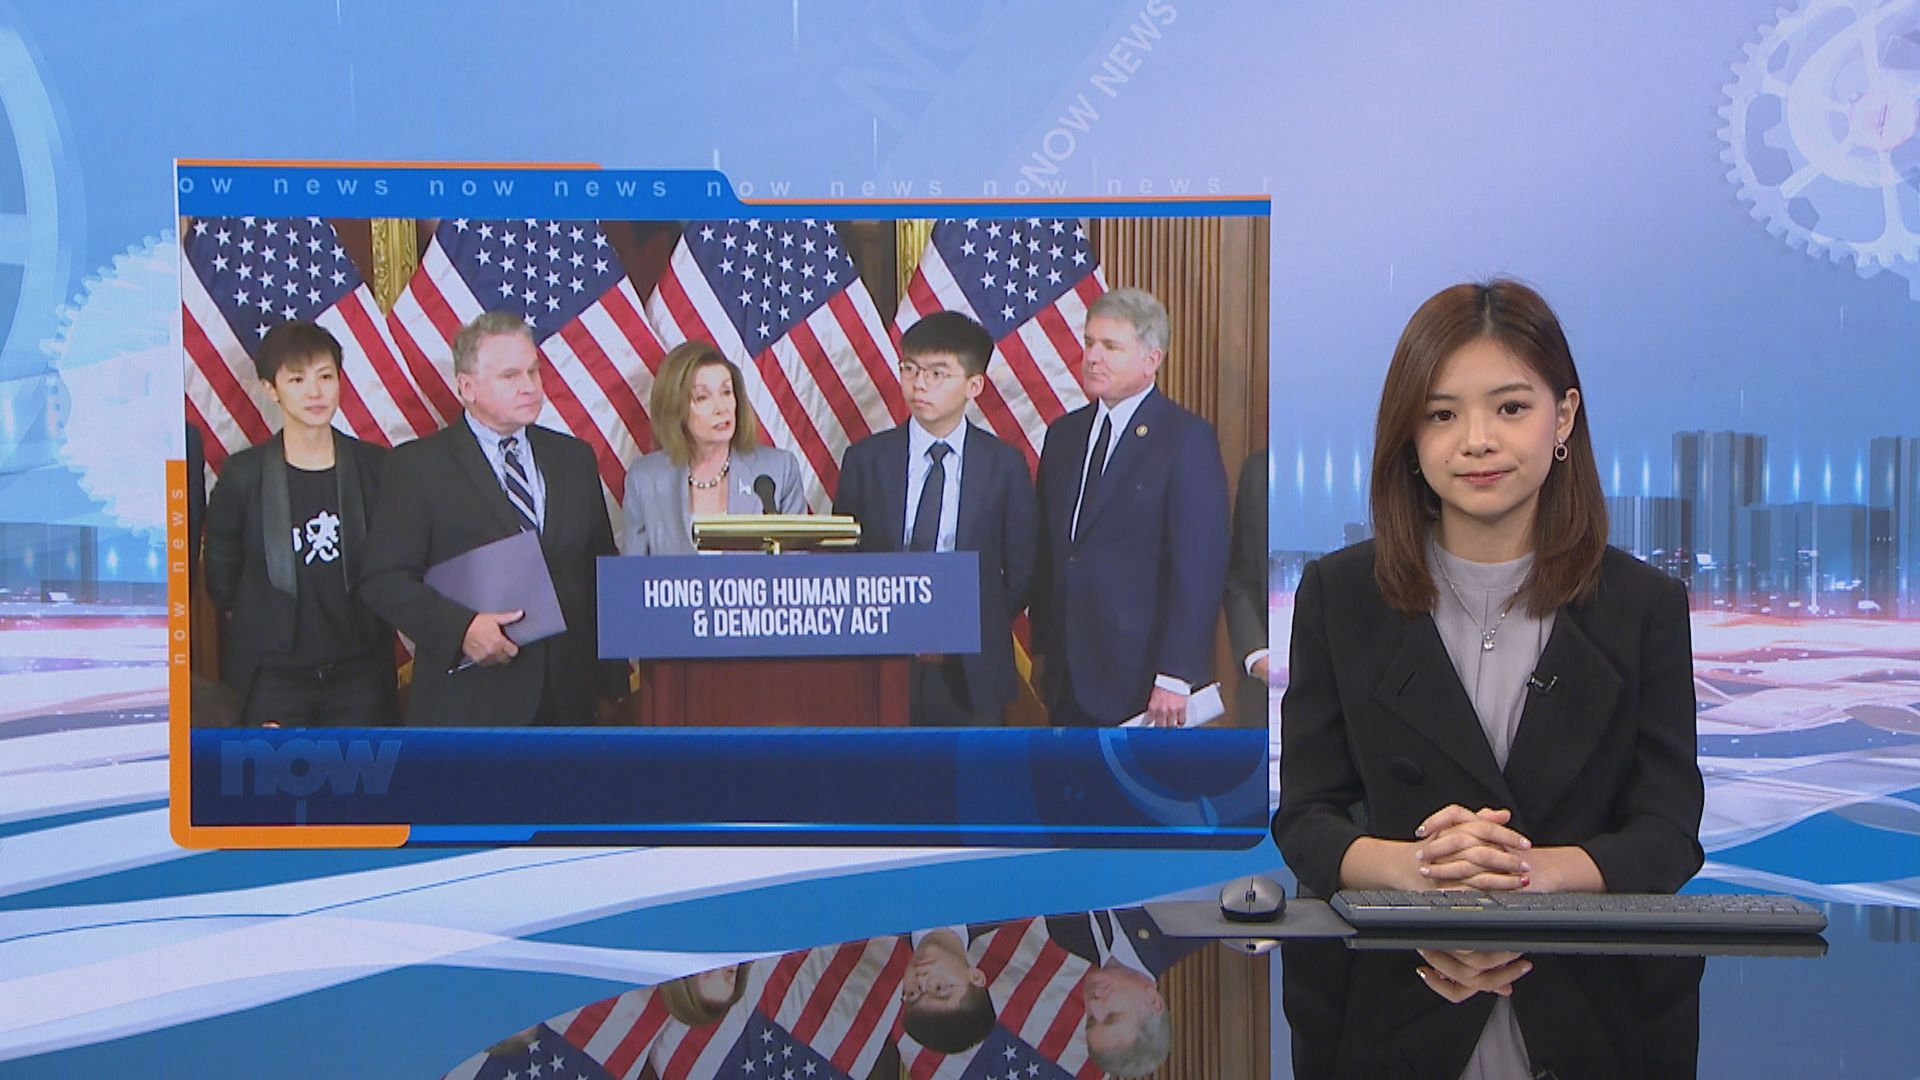 美助理國務卿拒回應是否支持香港人權法案